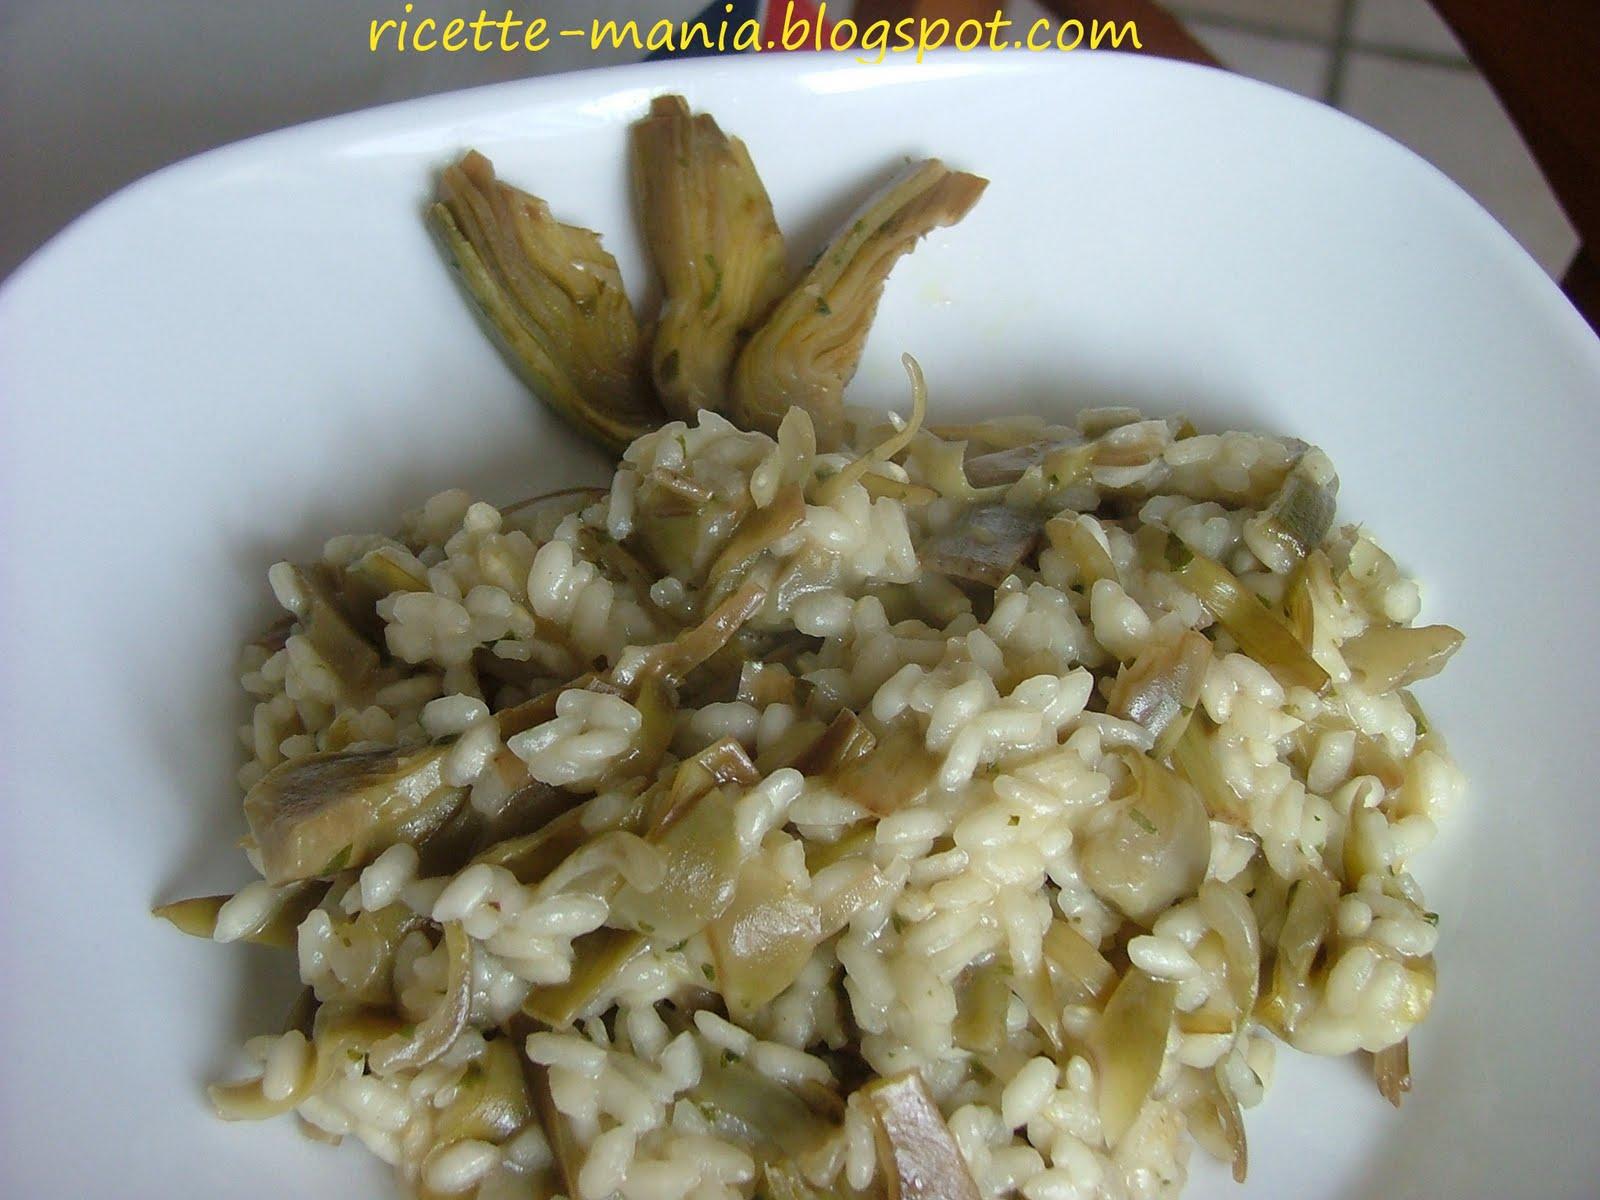 Ricette e idee per cucinare risotto ai carciofi for Cucinare risotto